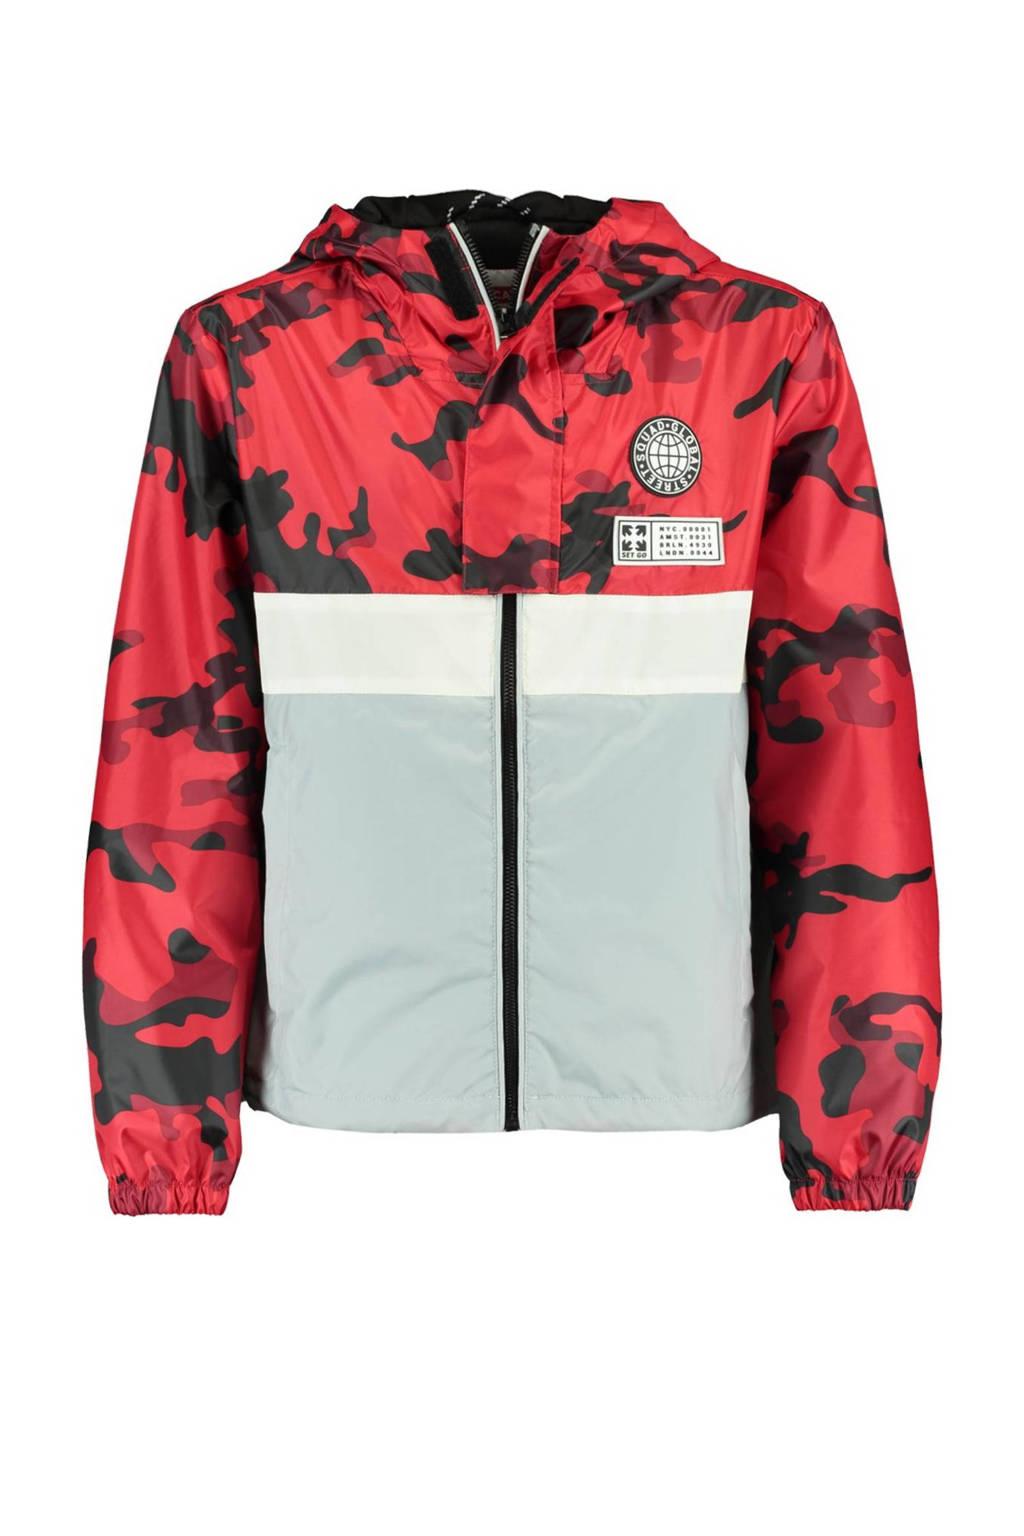 CoolCat Junior tussenjas Jason met camouflageprint rood/grijs/zwart, Rood/grijs/zwart